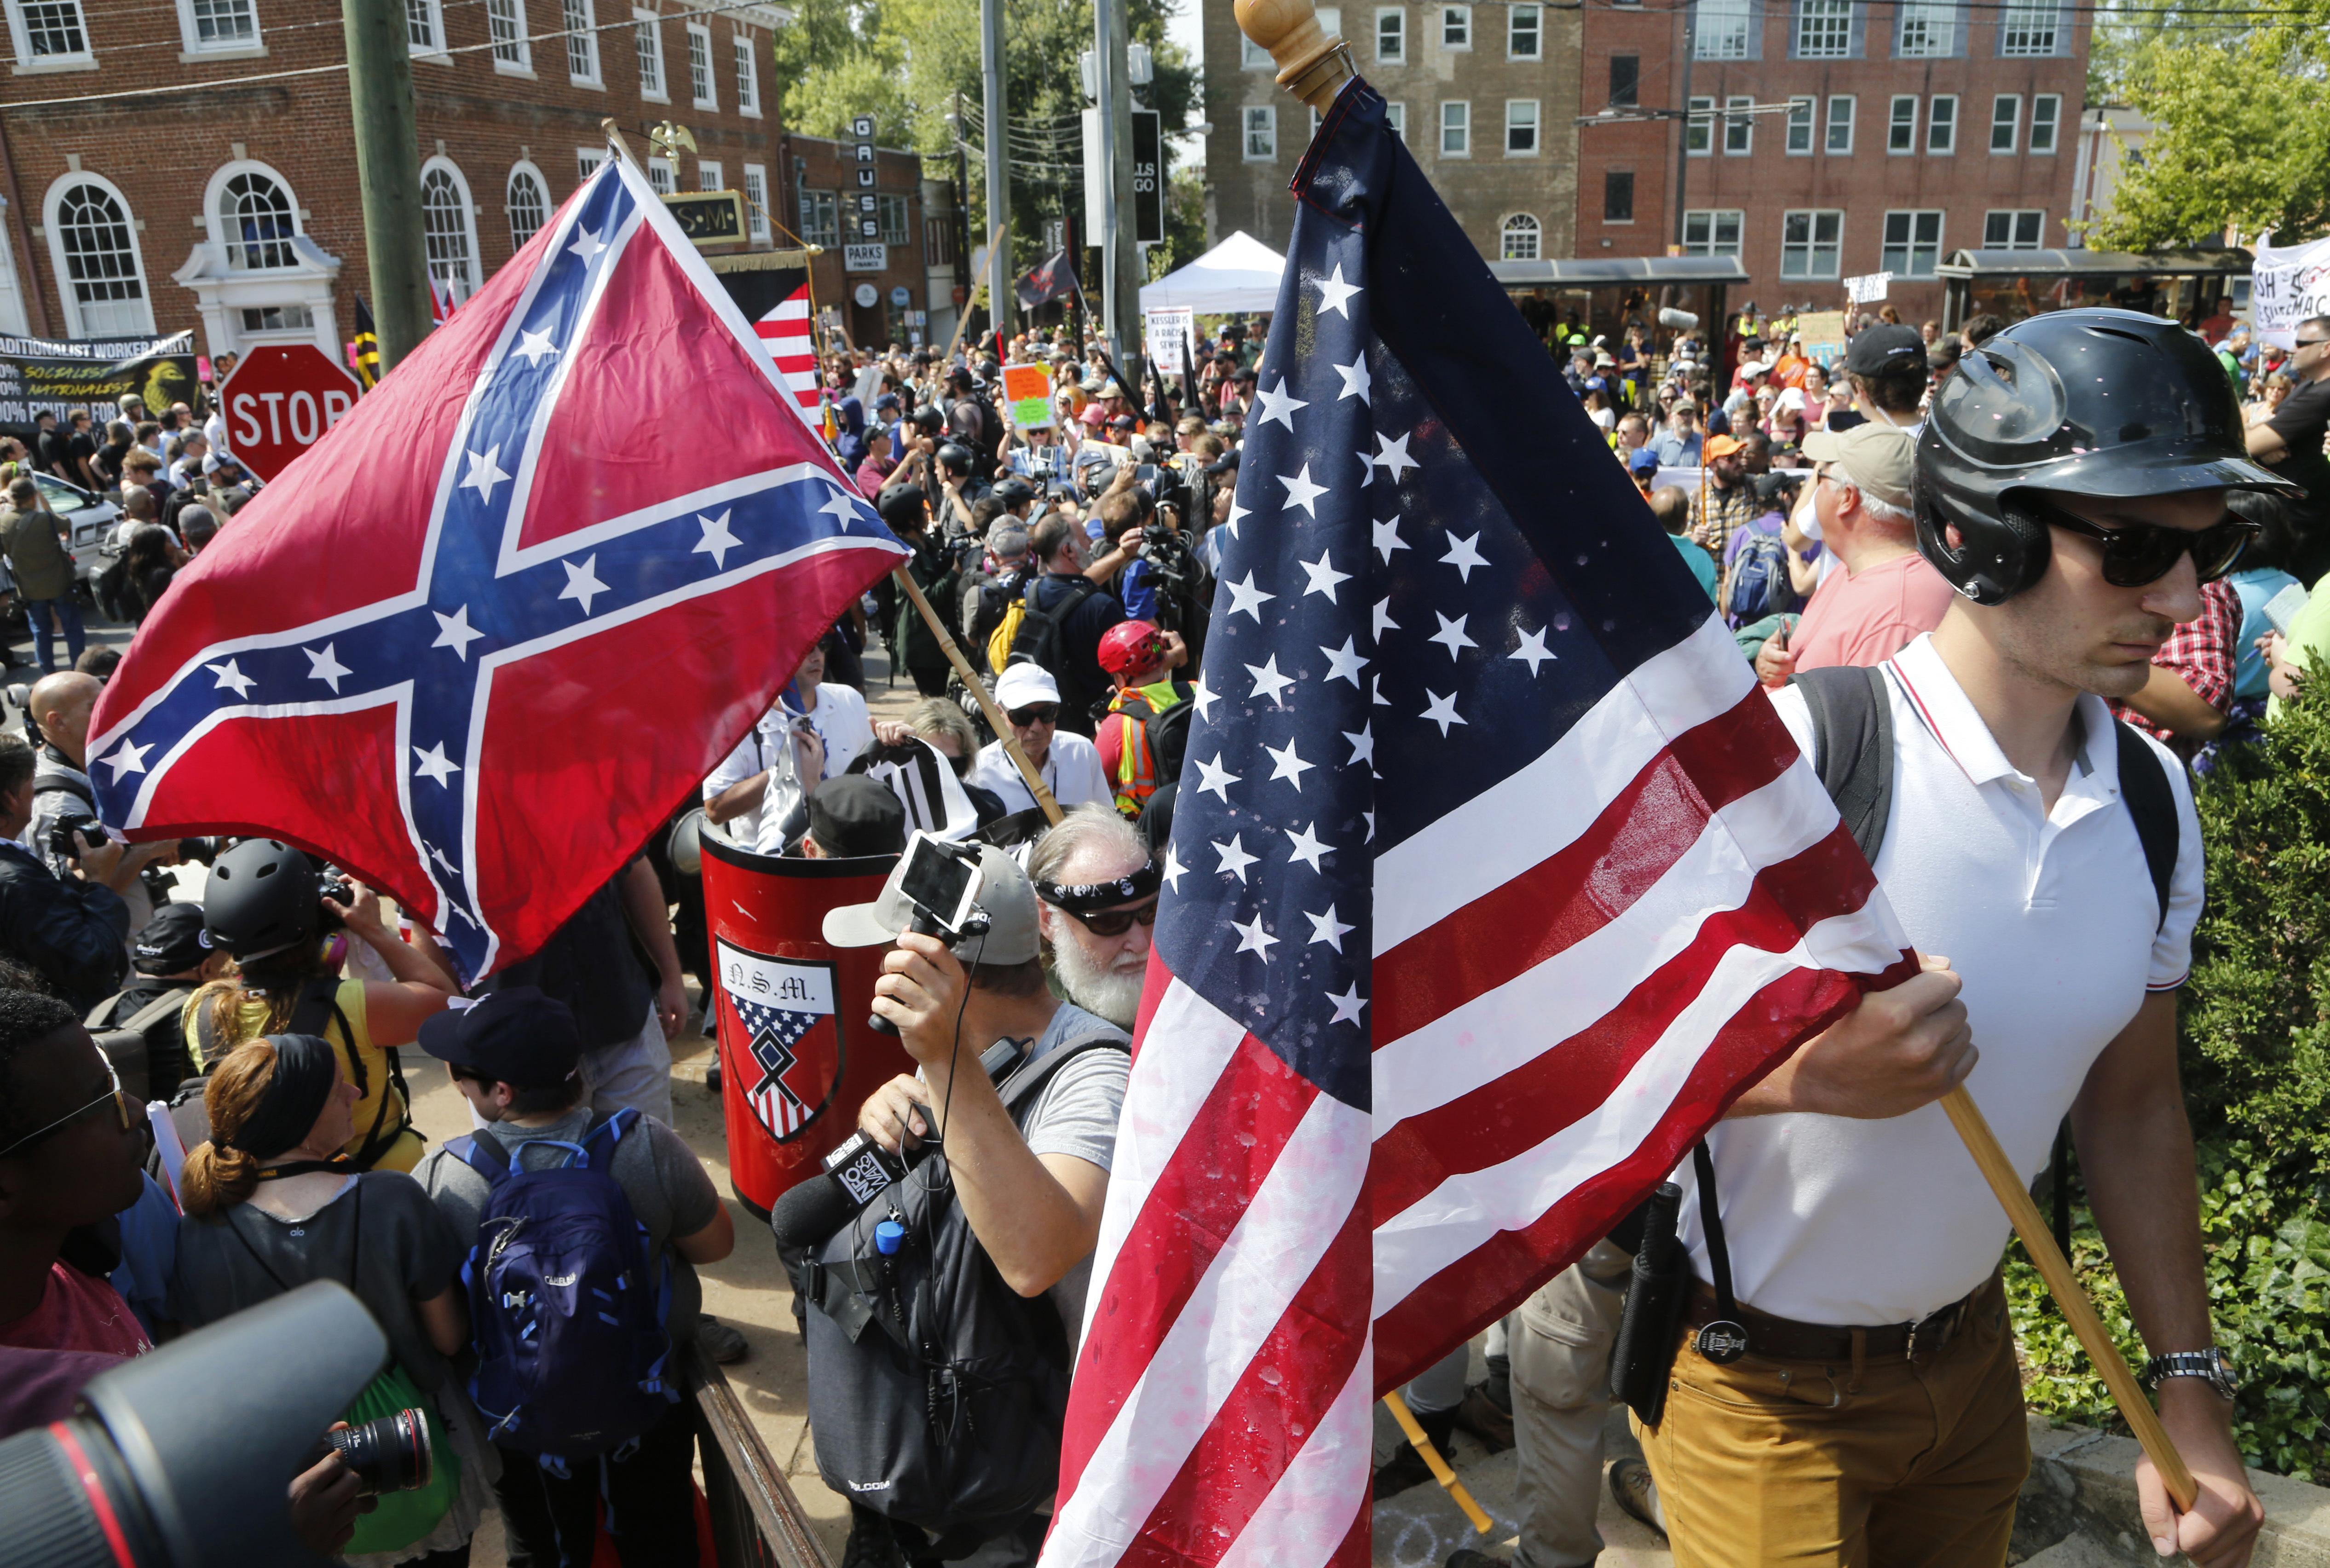 上百名白人至上主義擁護者12日在維州夏洛茲維爾市 (Charlottesville) 進行大規模的右翼集會 (Unite the Right),與至少上千名反對人士互相踢打、丟擲水瓶、甚至噴灑化學劑。(美聯社)